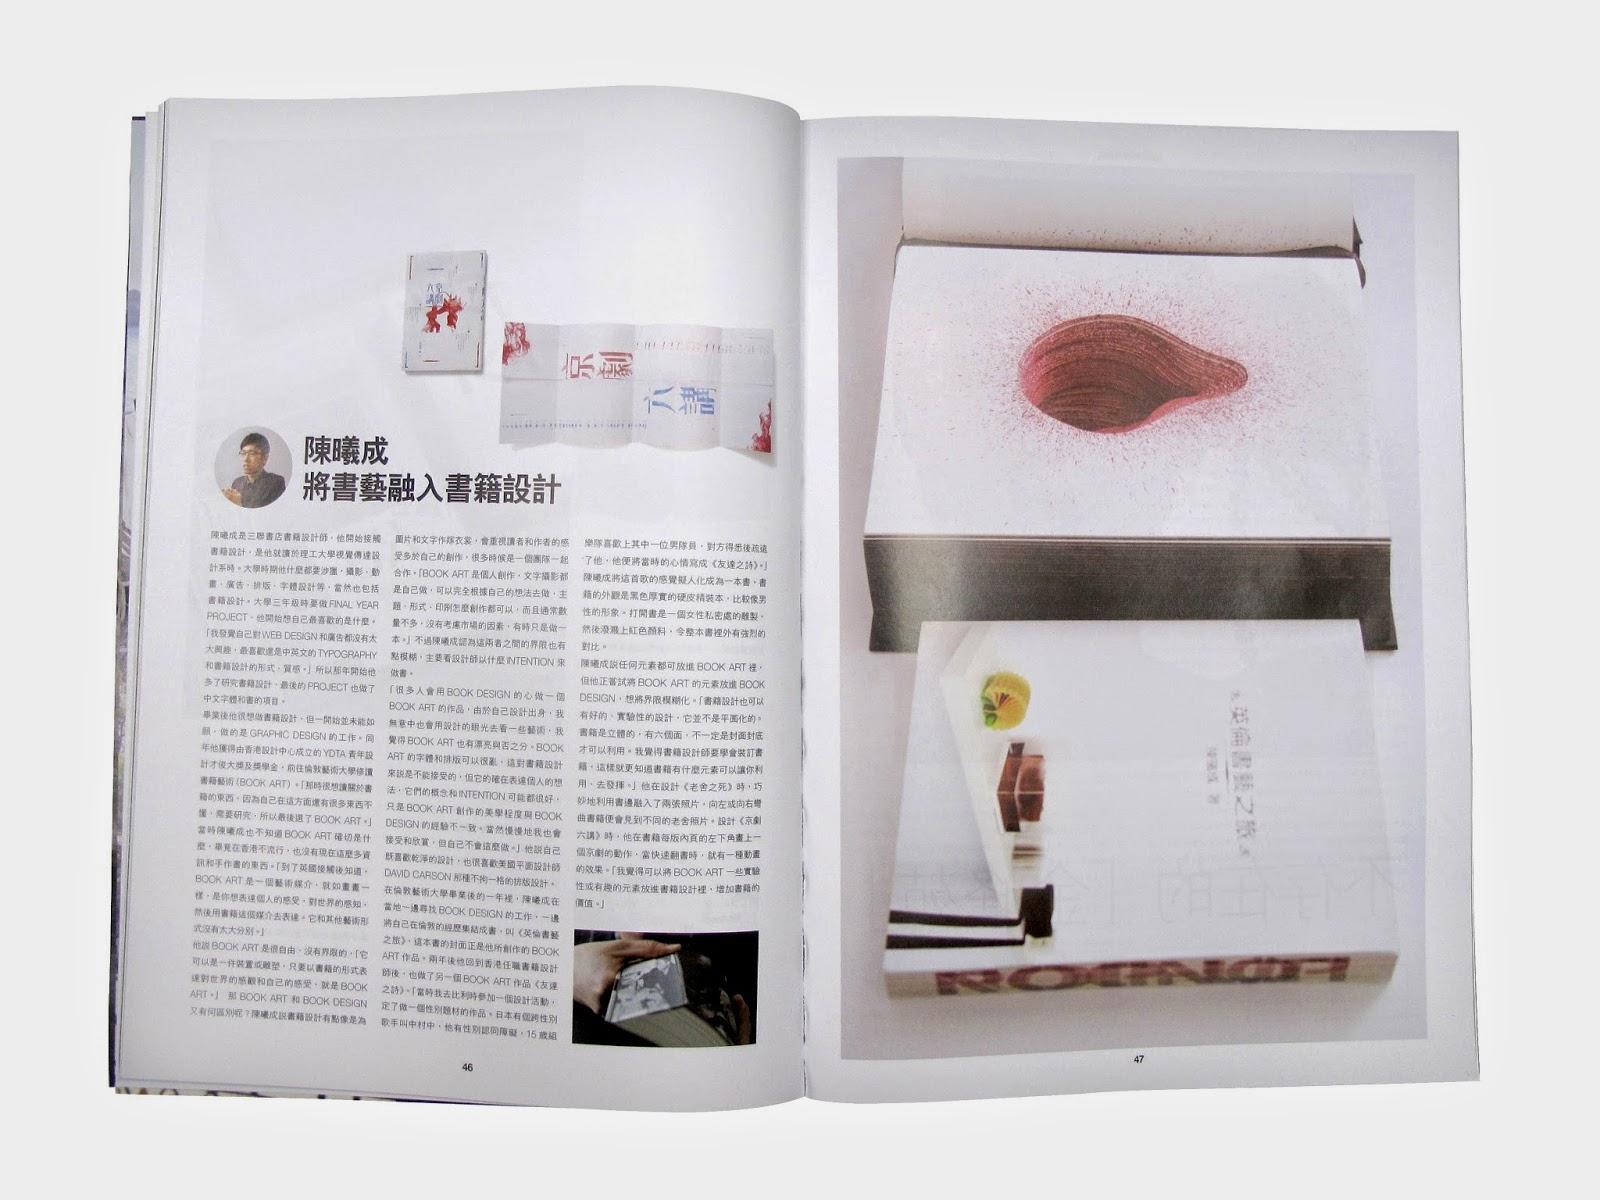 《號外》雜誌訪問:書籍設計師的另類故事   book* text* design*